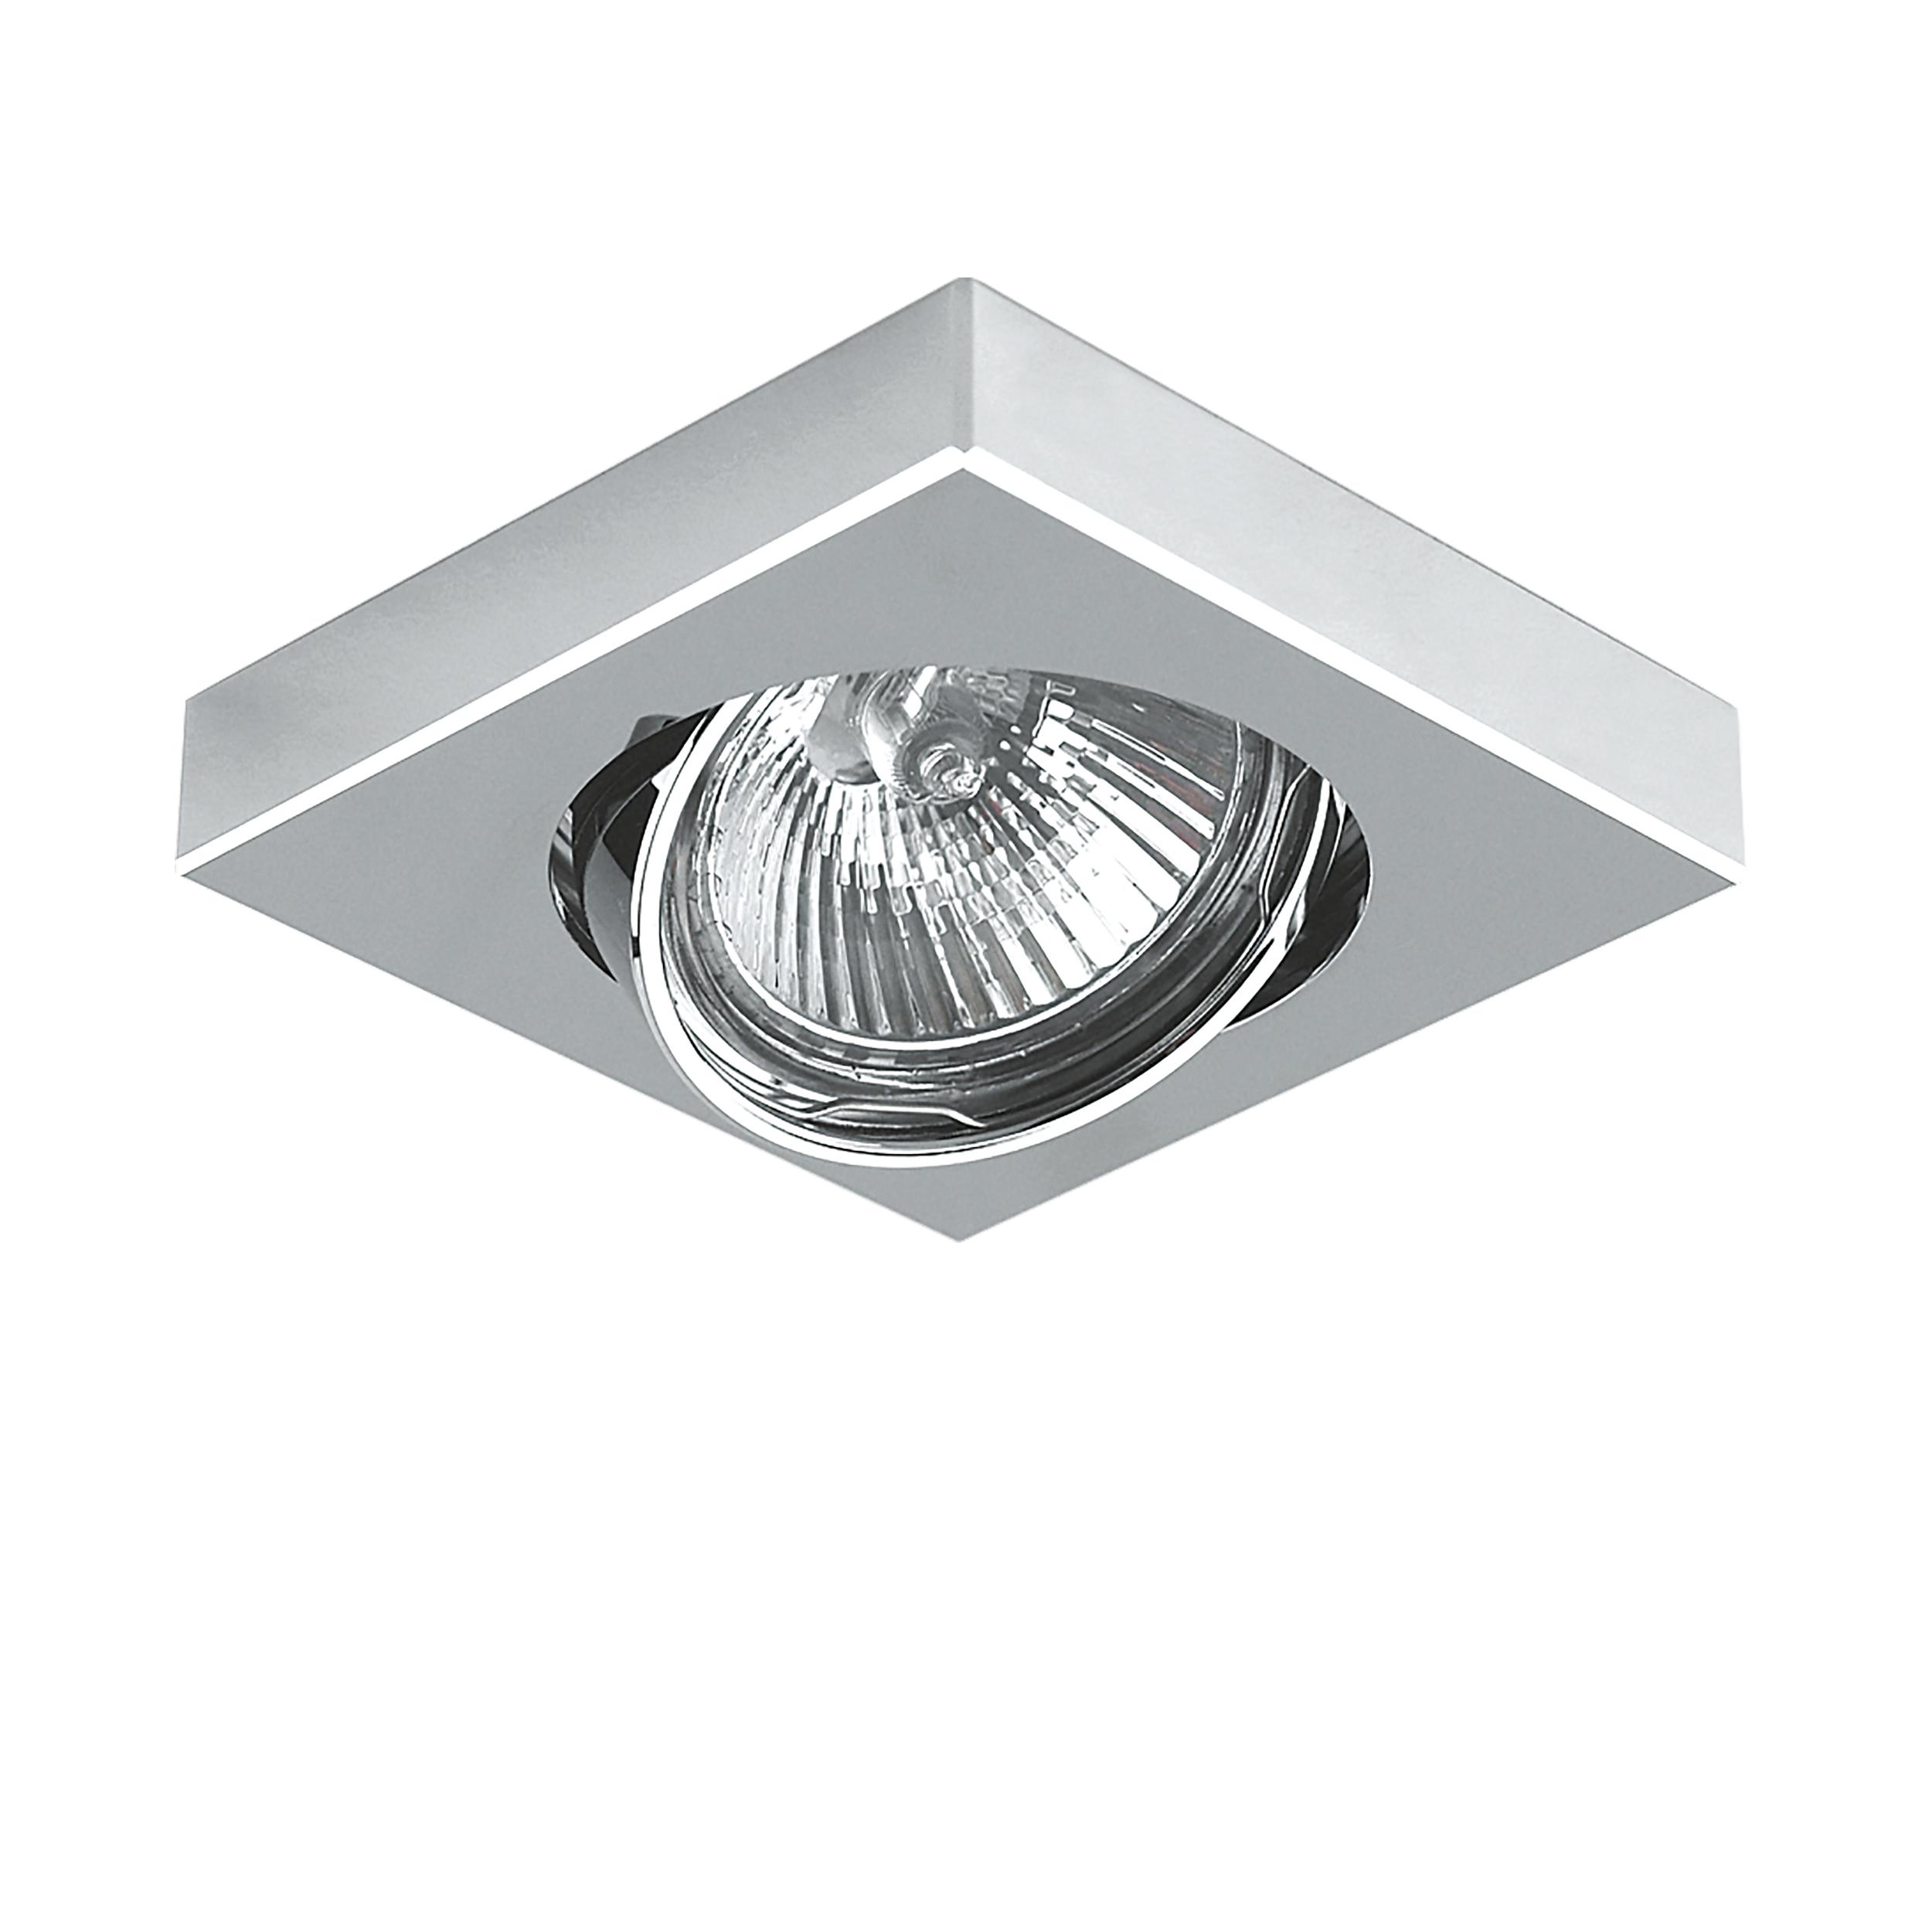 Встраиваемый светильник Lightstar Mattoni 006244, 1xGU5.3x50W, матовый хром, хром, металл - фото 1